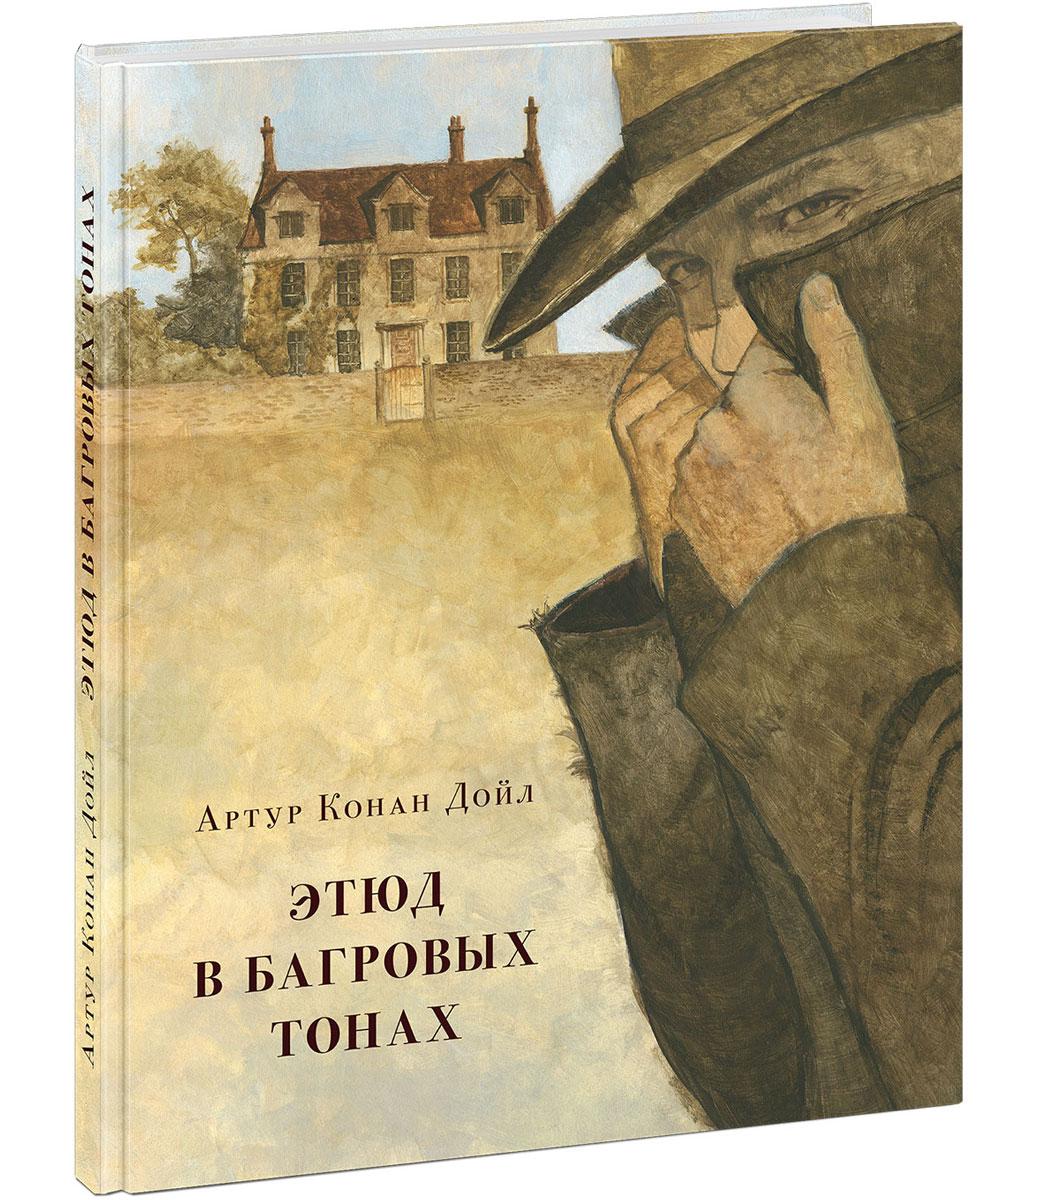 Артур Конан Дойл Этюд в багровых тонах артур конан дойл собака баскервилей этюд в багровых тонах сборник